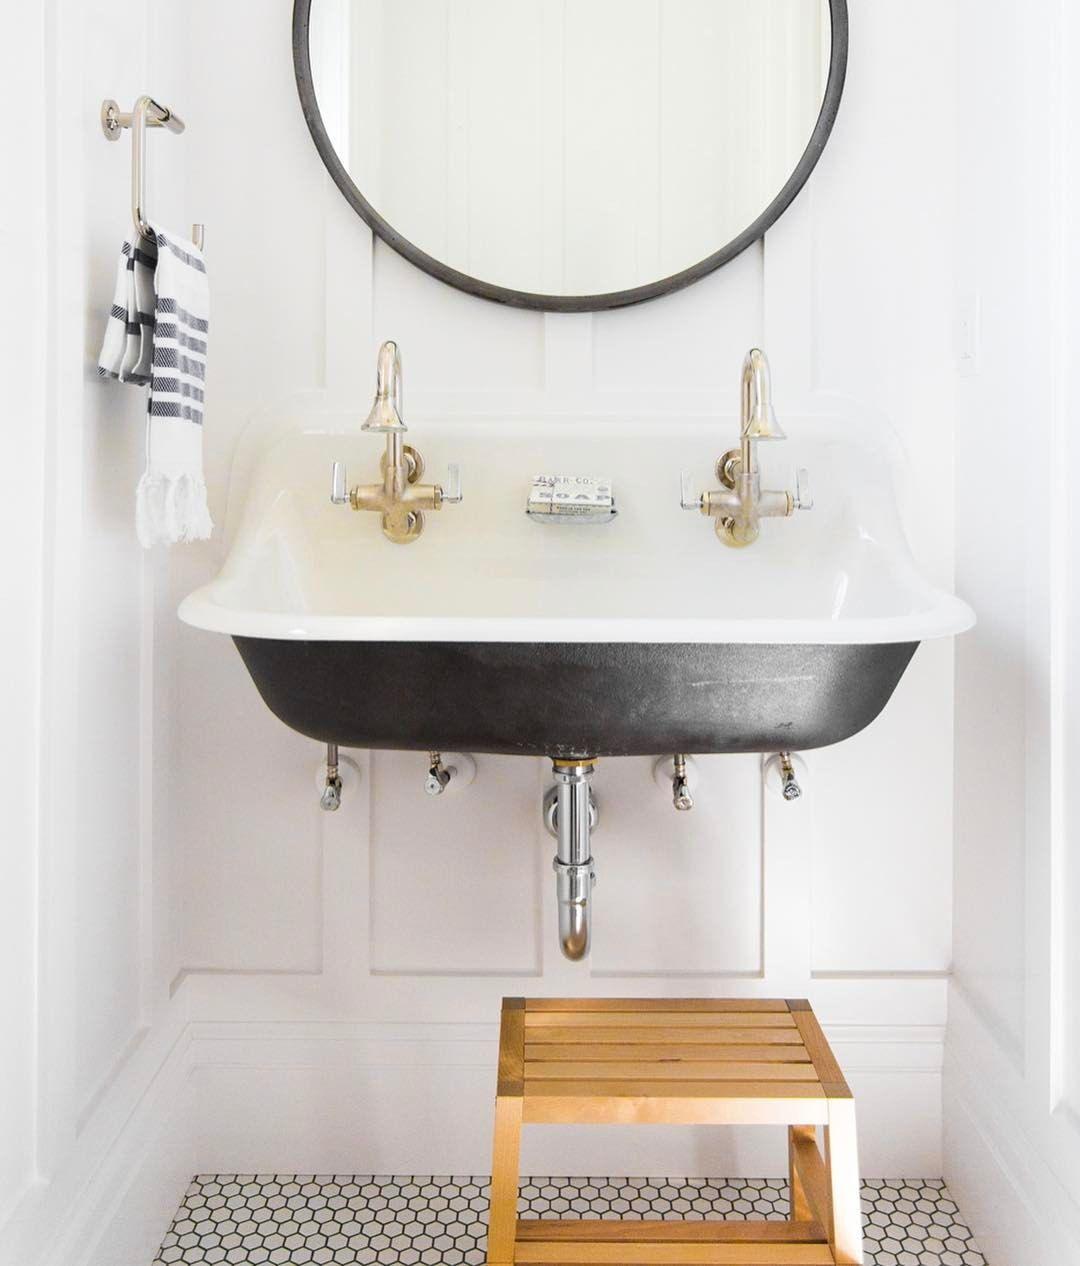 Pin by Raven Vasquez on i n t e r i o r s | Unique bathroom ...